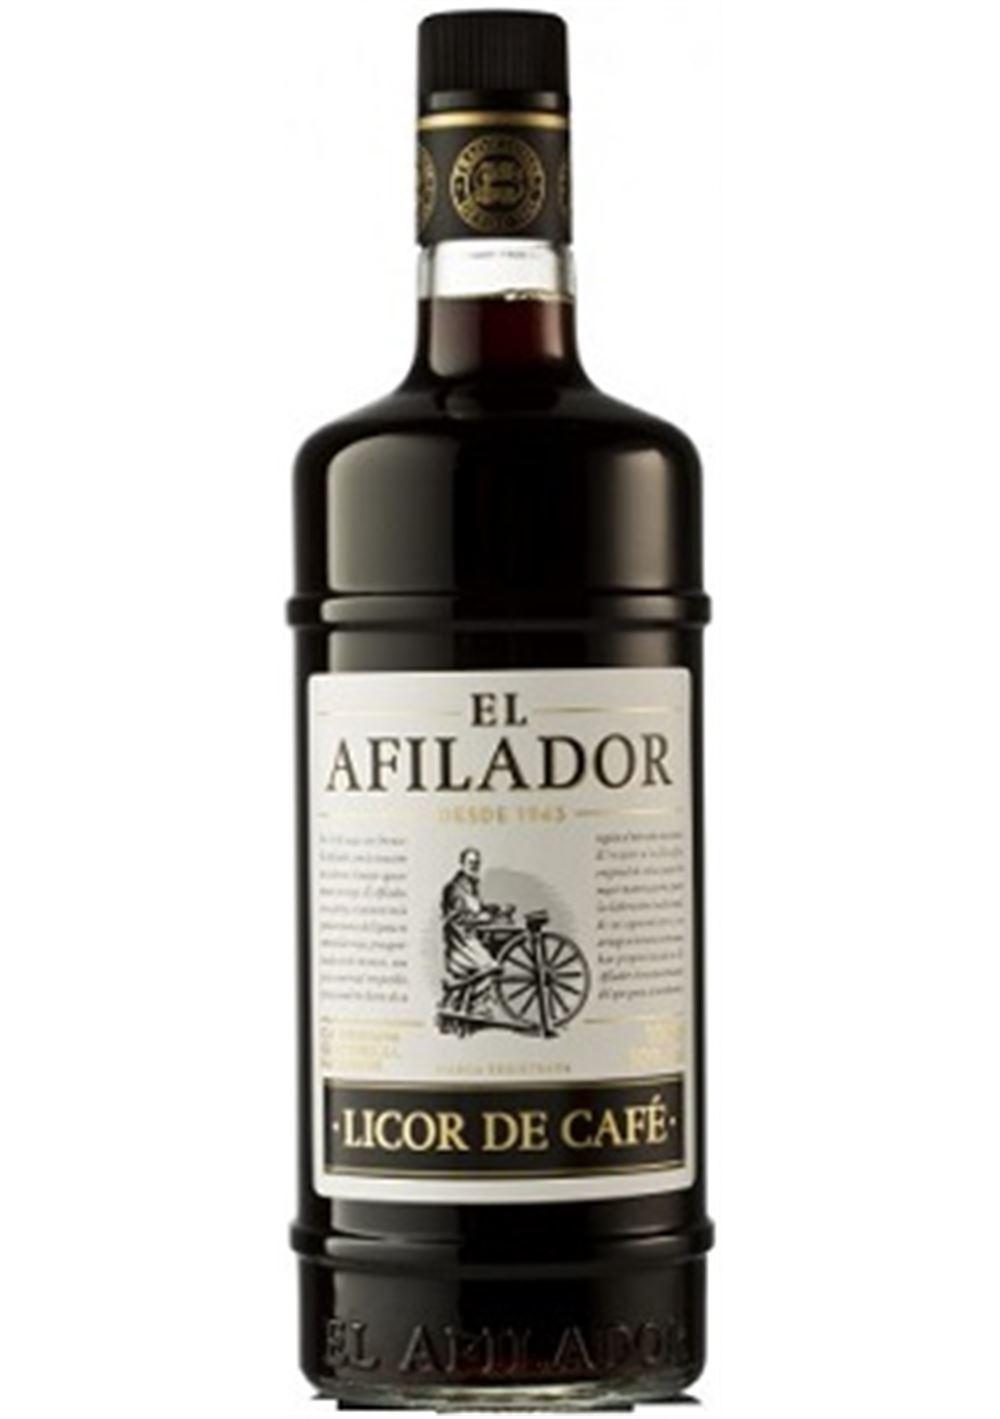 EL AFILADOR LICOR CAFE